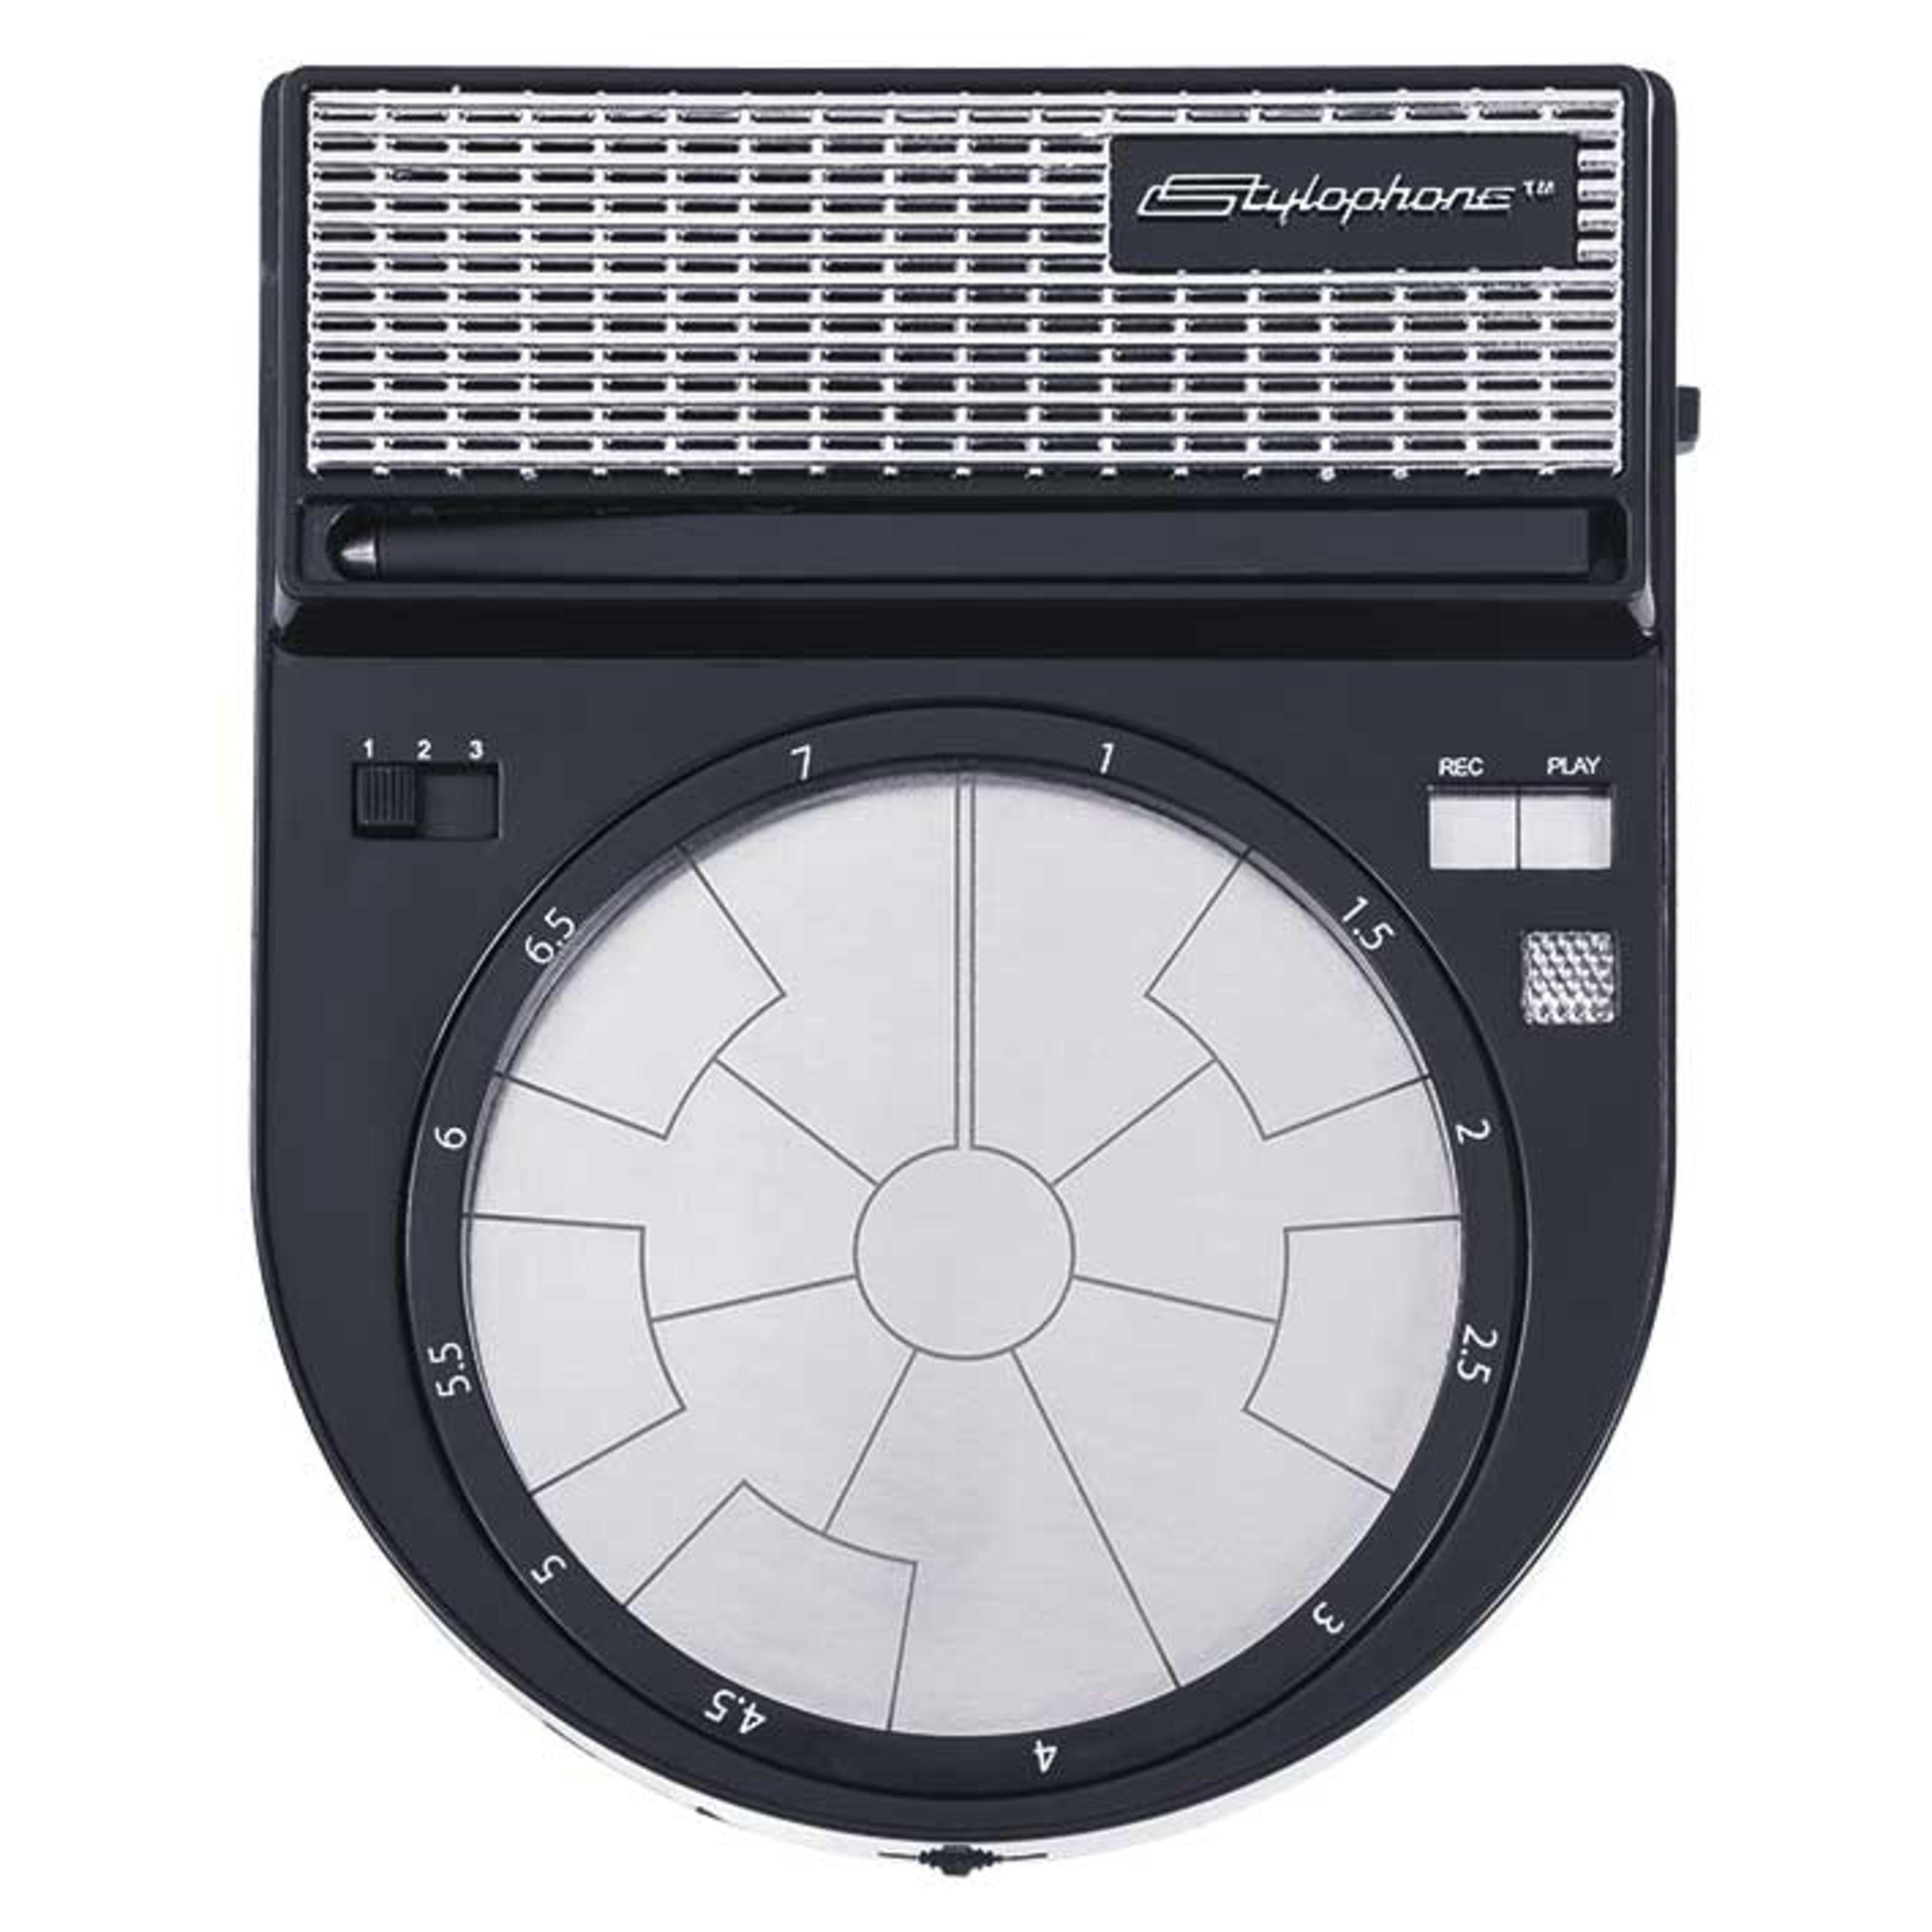 Dübreq - Beatbox Beatbox S1